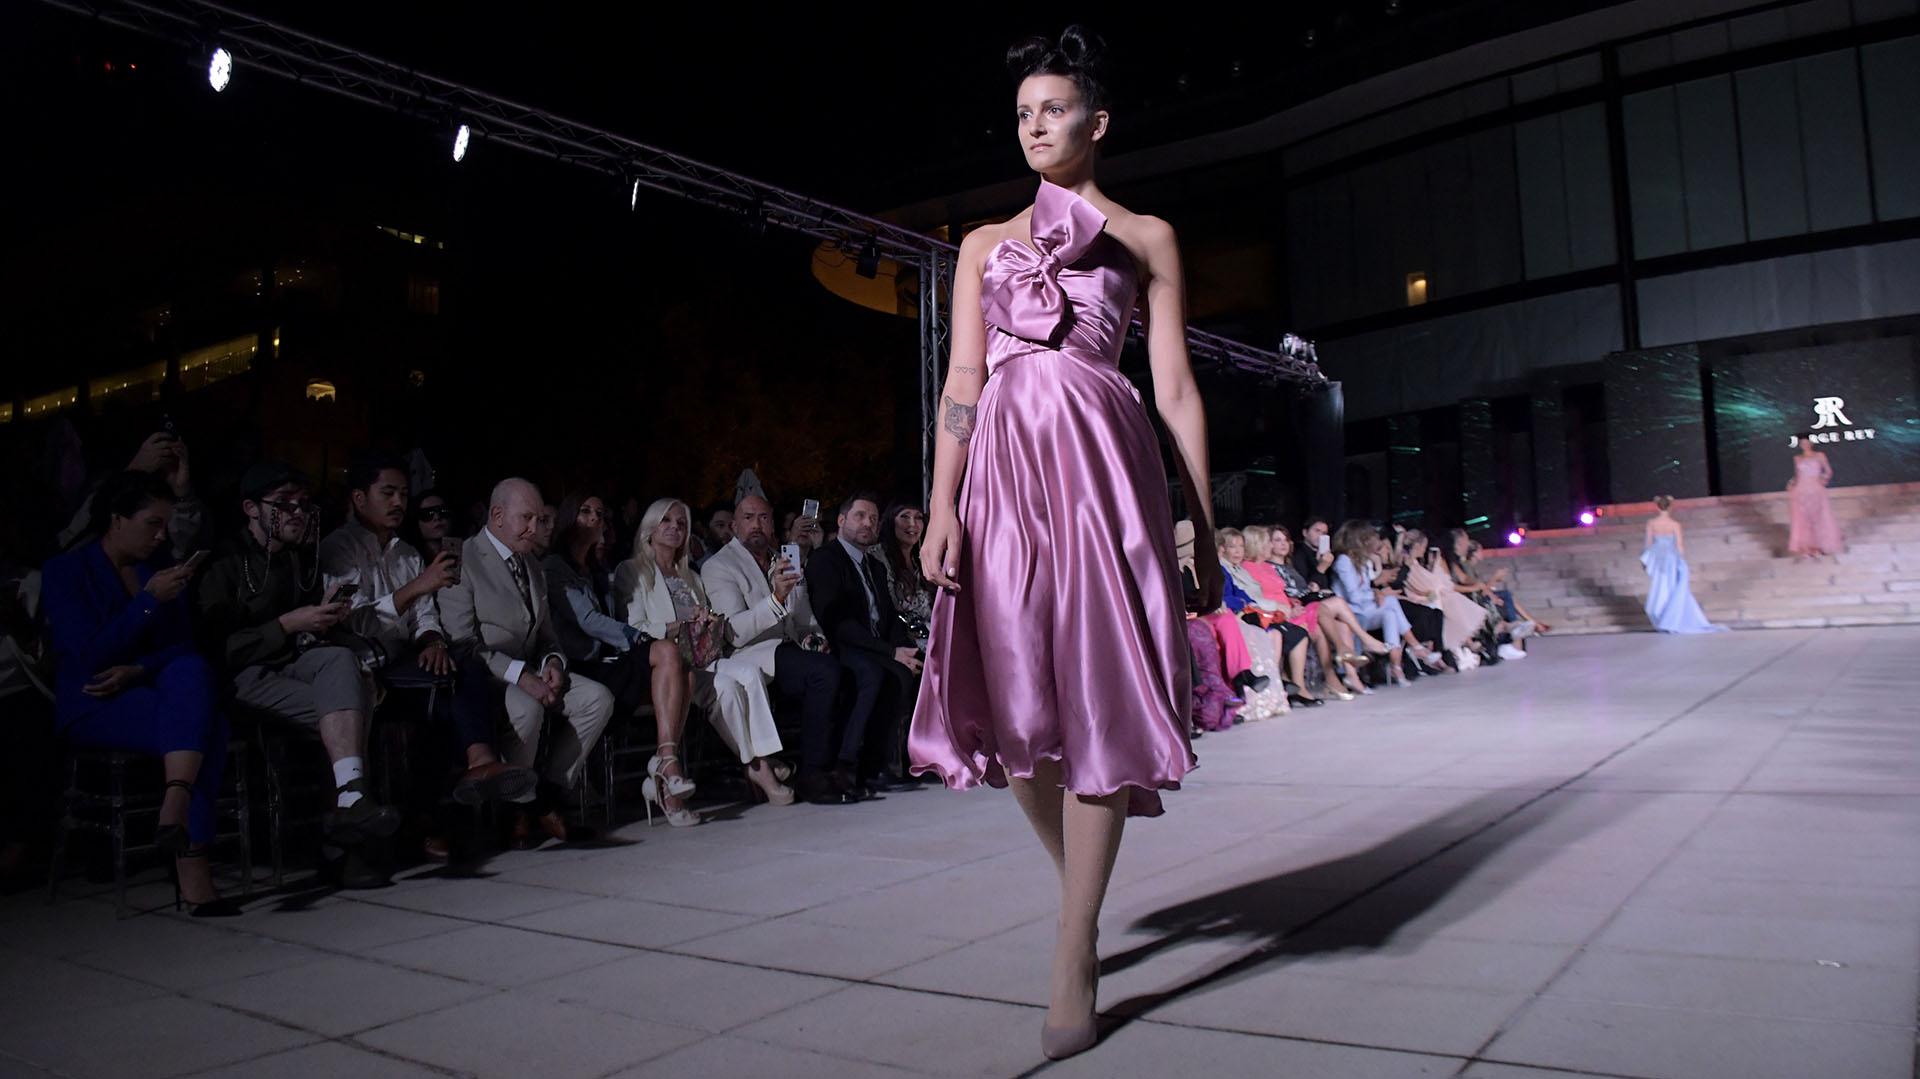 De seda, a la rodilla, strapless y con moño. Los cortes de las telas del diseñador son las vedette de cada pasada